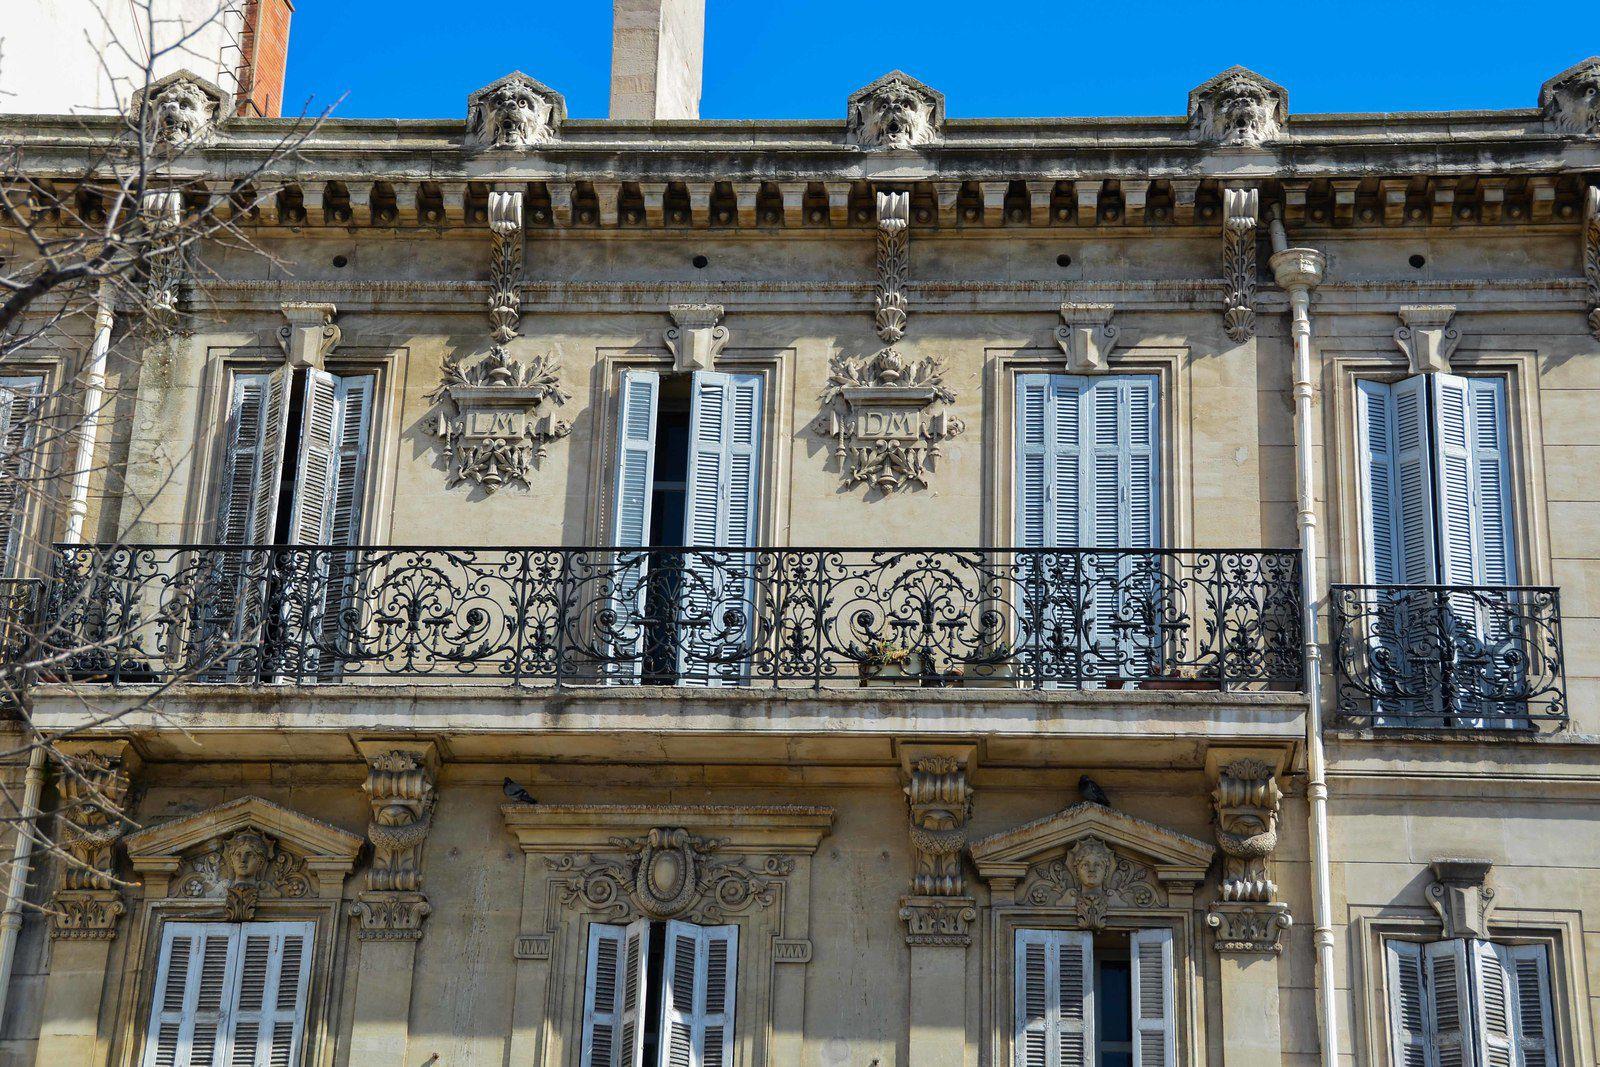 Marseille est sale , bruyante, embouteillée mais très belle quand elle est bien contée! Merci Daniel